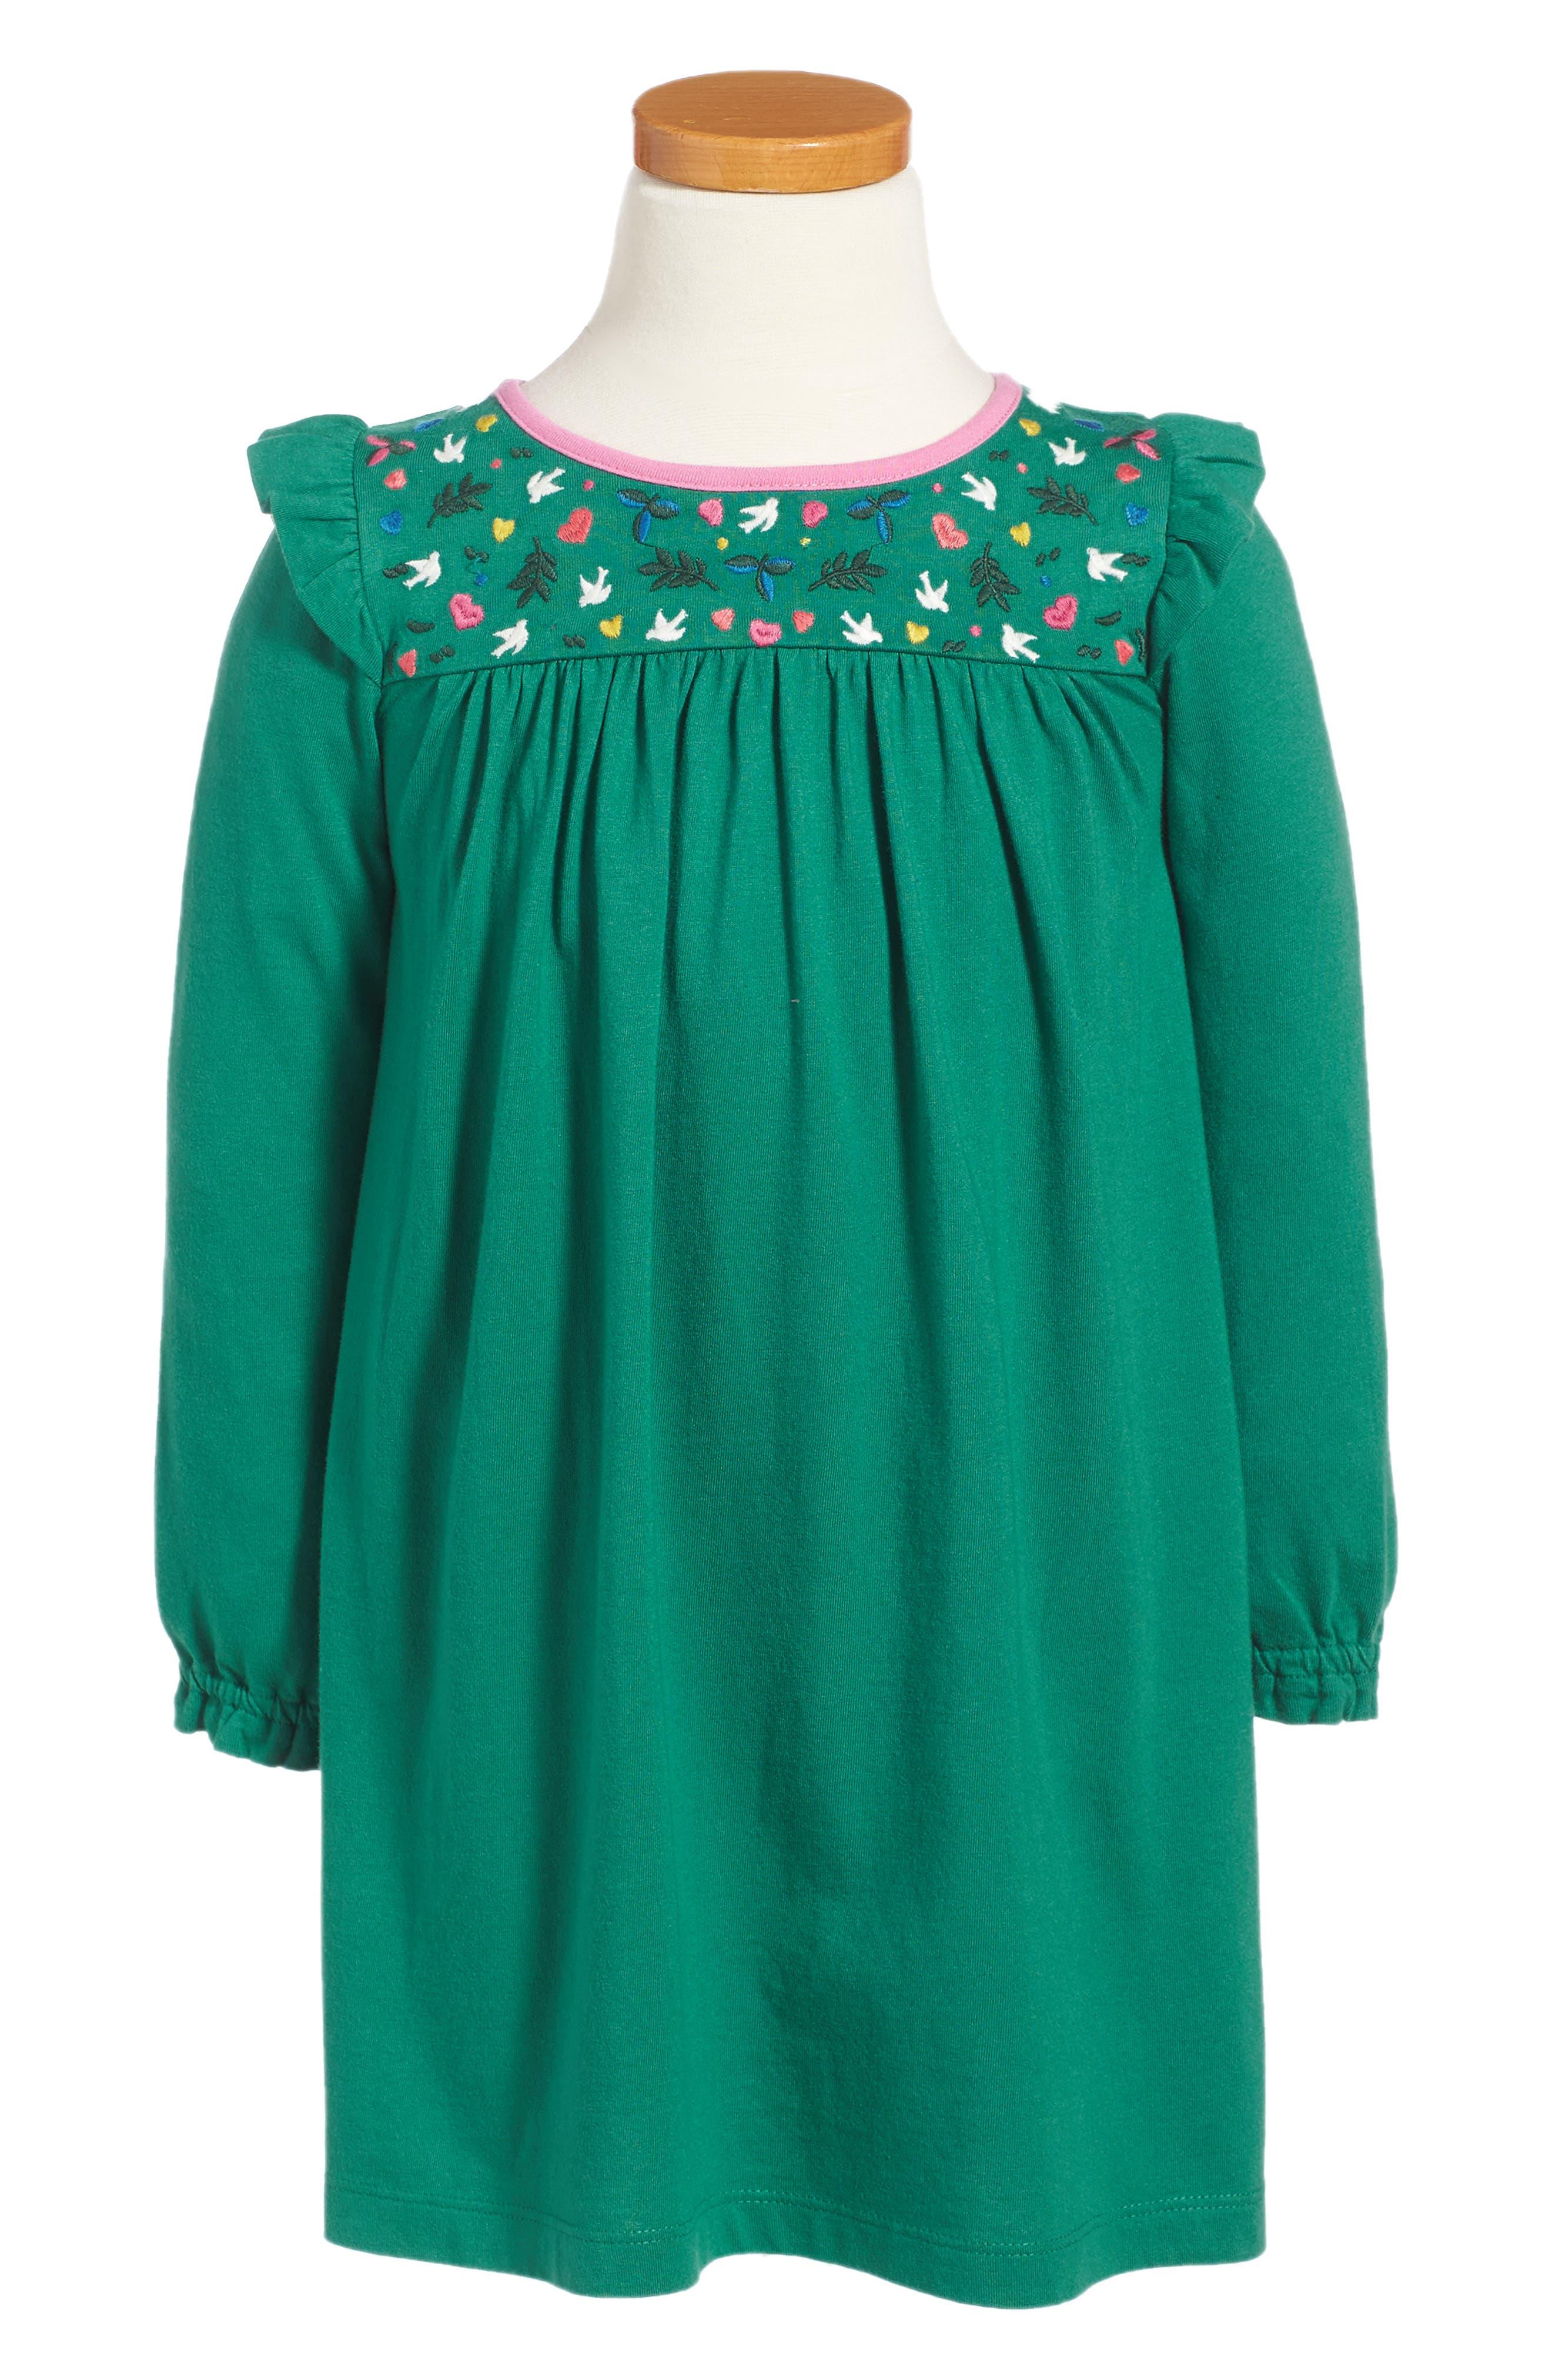 Mini Boden Frill Jersey Dress (Toddler Girls, Little Girls & Big Girls)